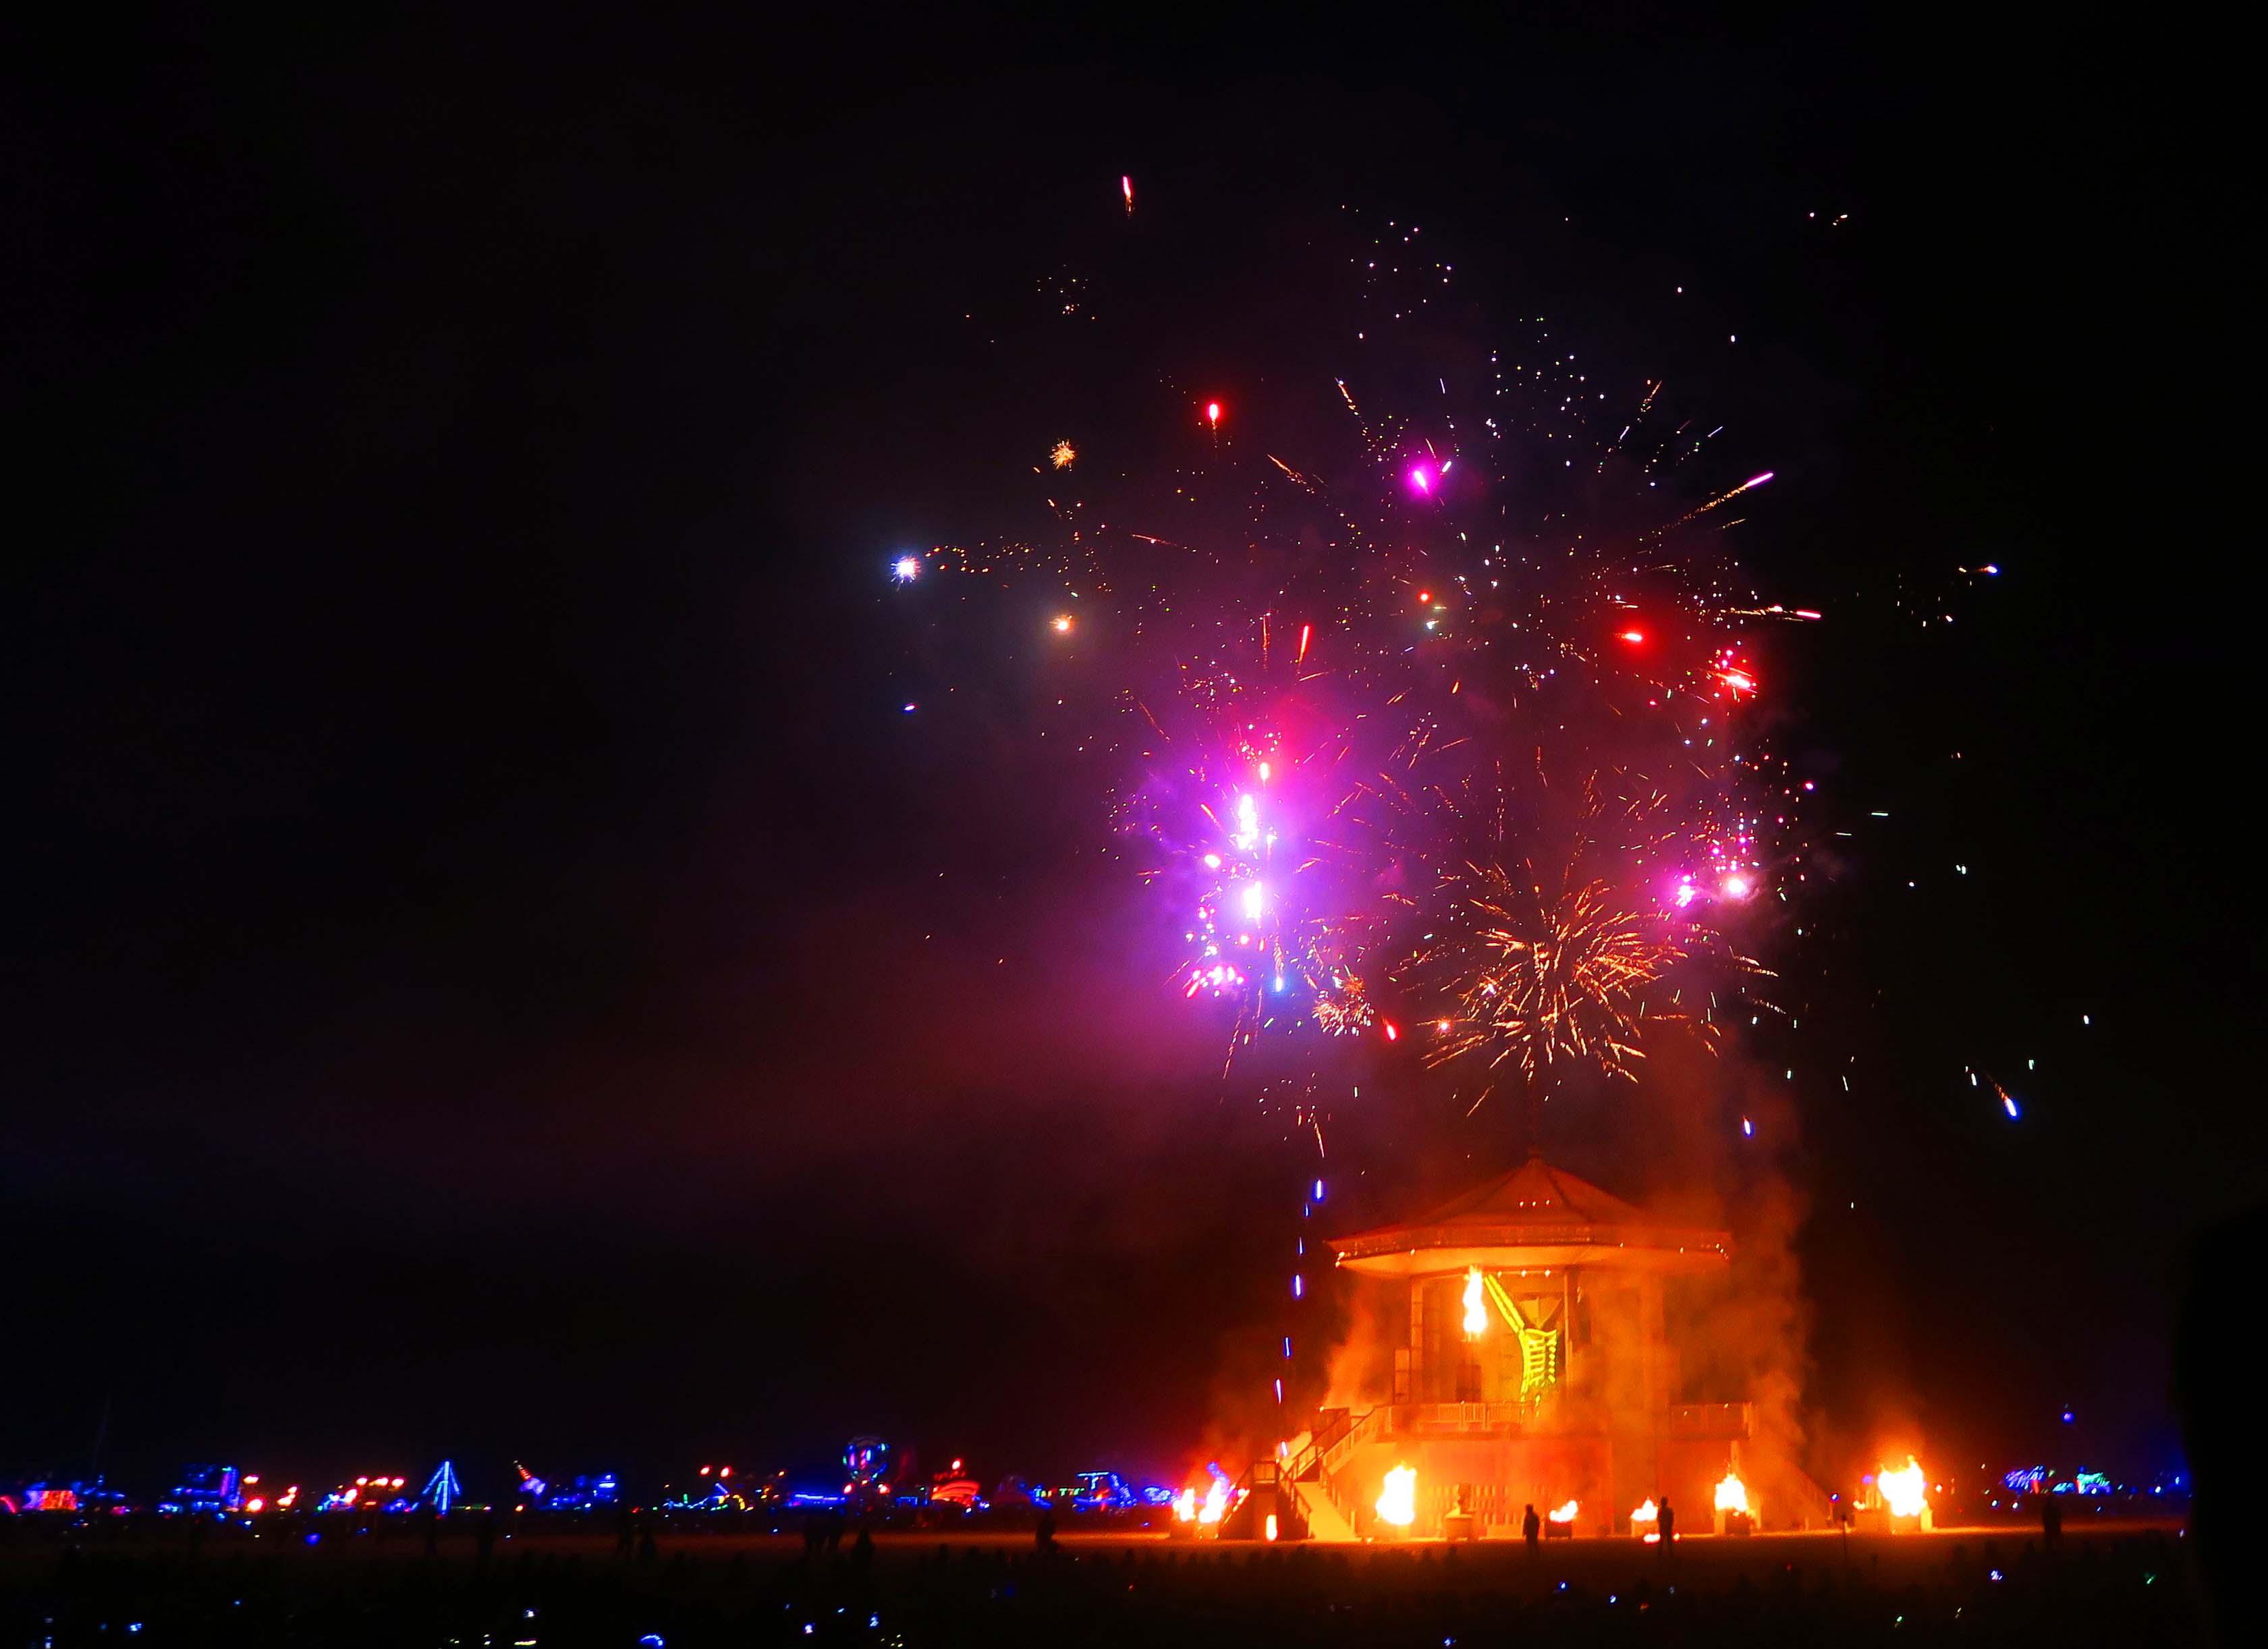 Fireworks on Burn night 3, Burning Man 2017